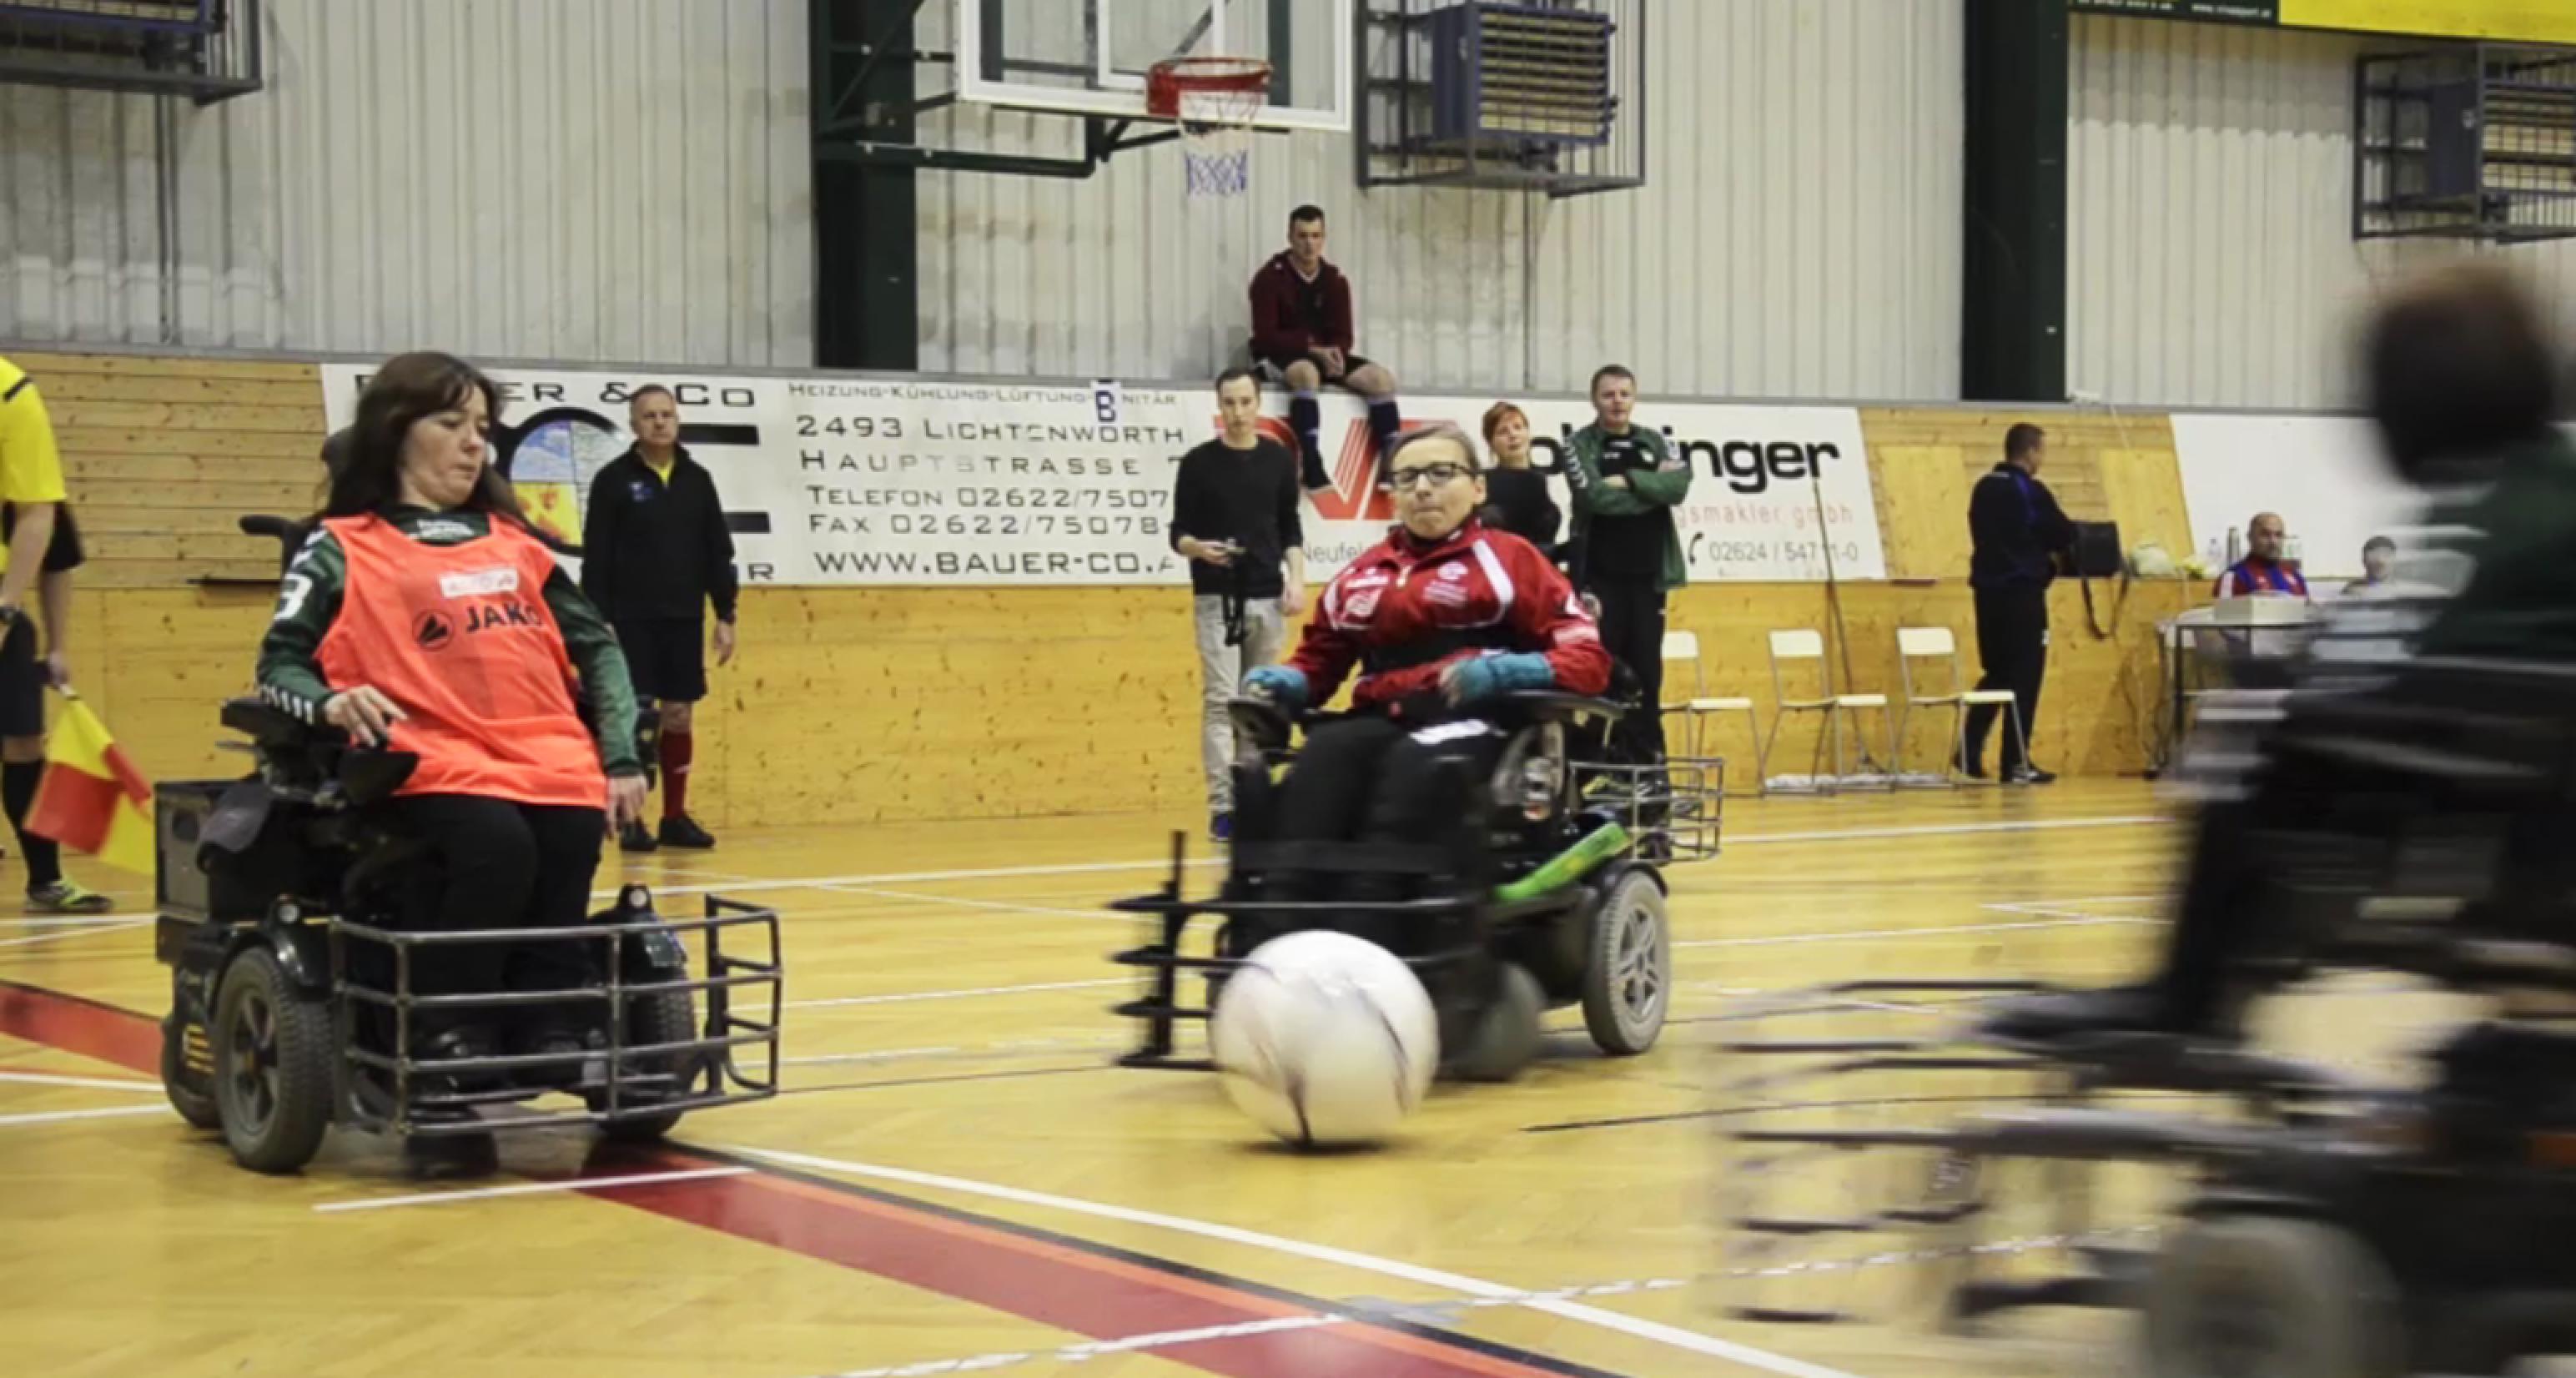 Videoausschnitt ottobock.CUP 2015 sport-oesterreich.at